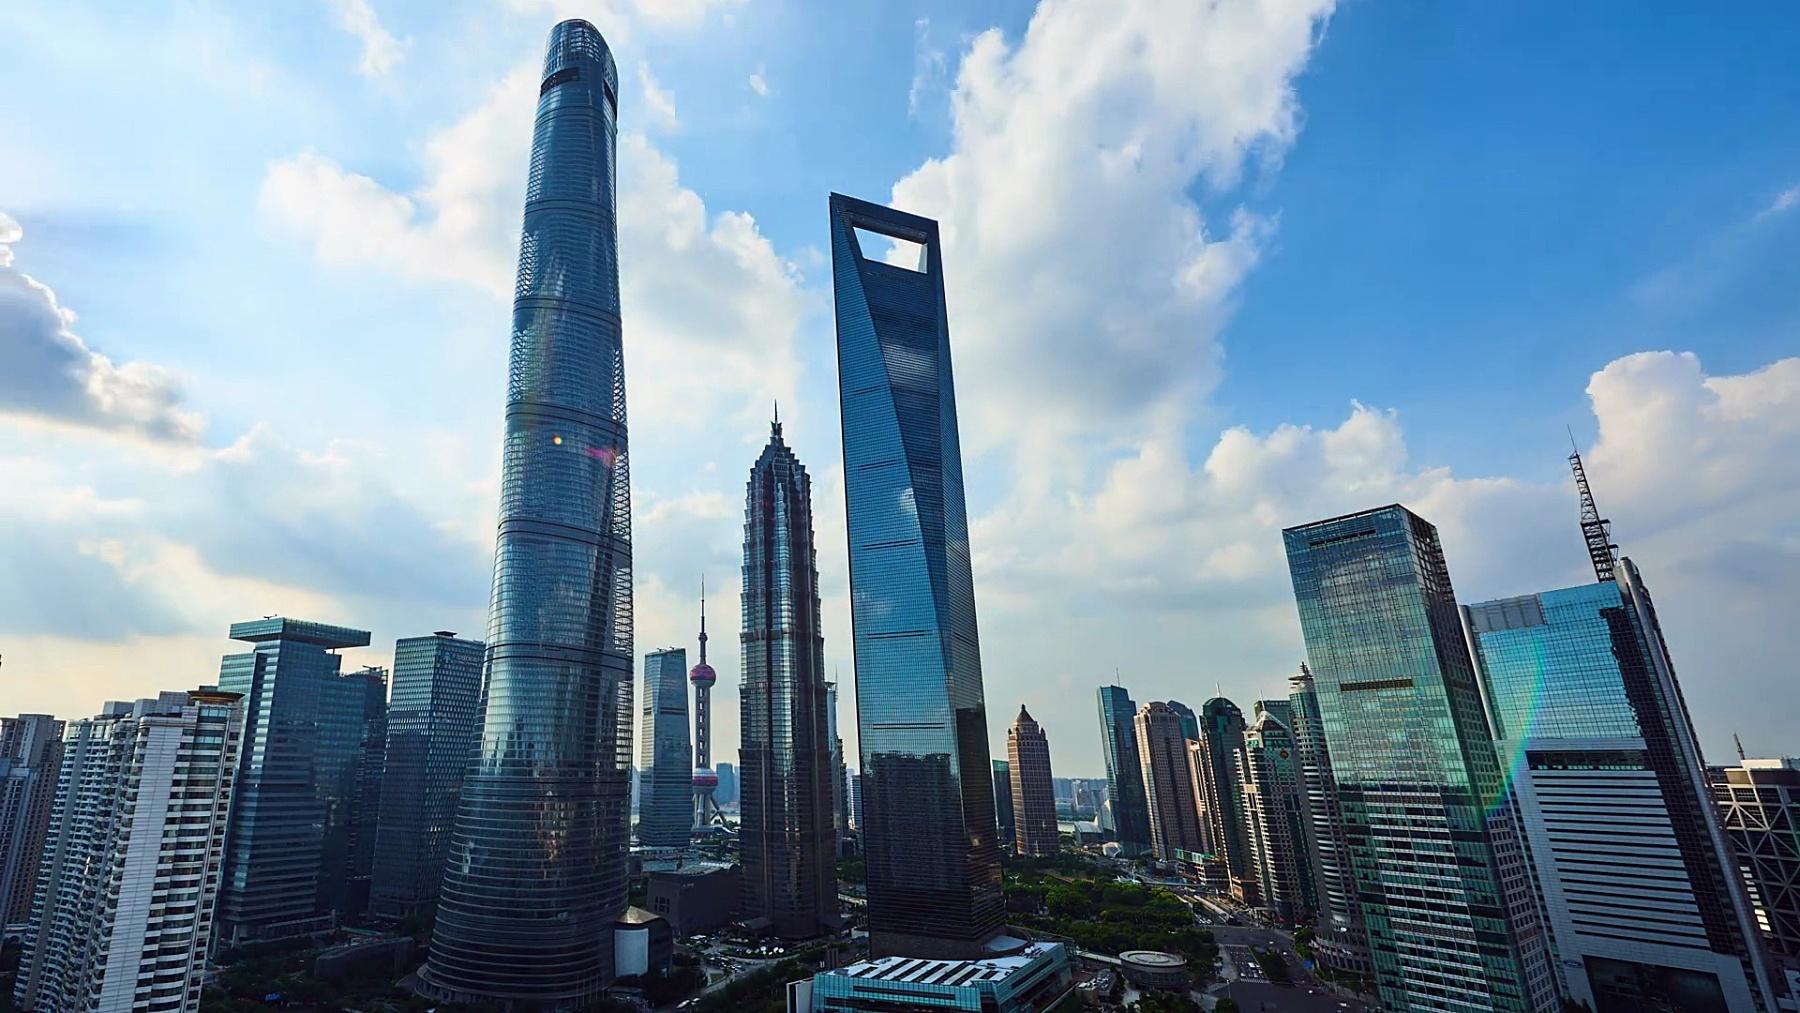 上海陆家嘴金融区日落时分